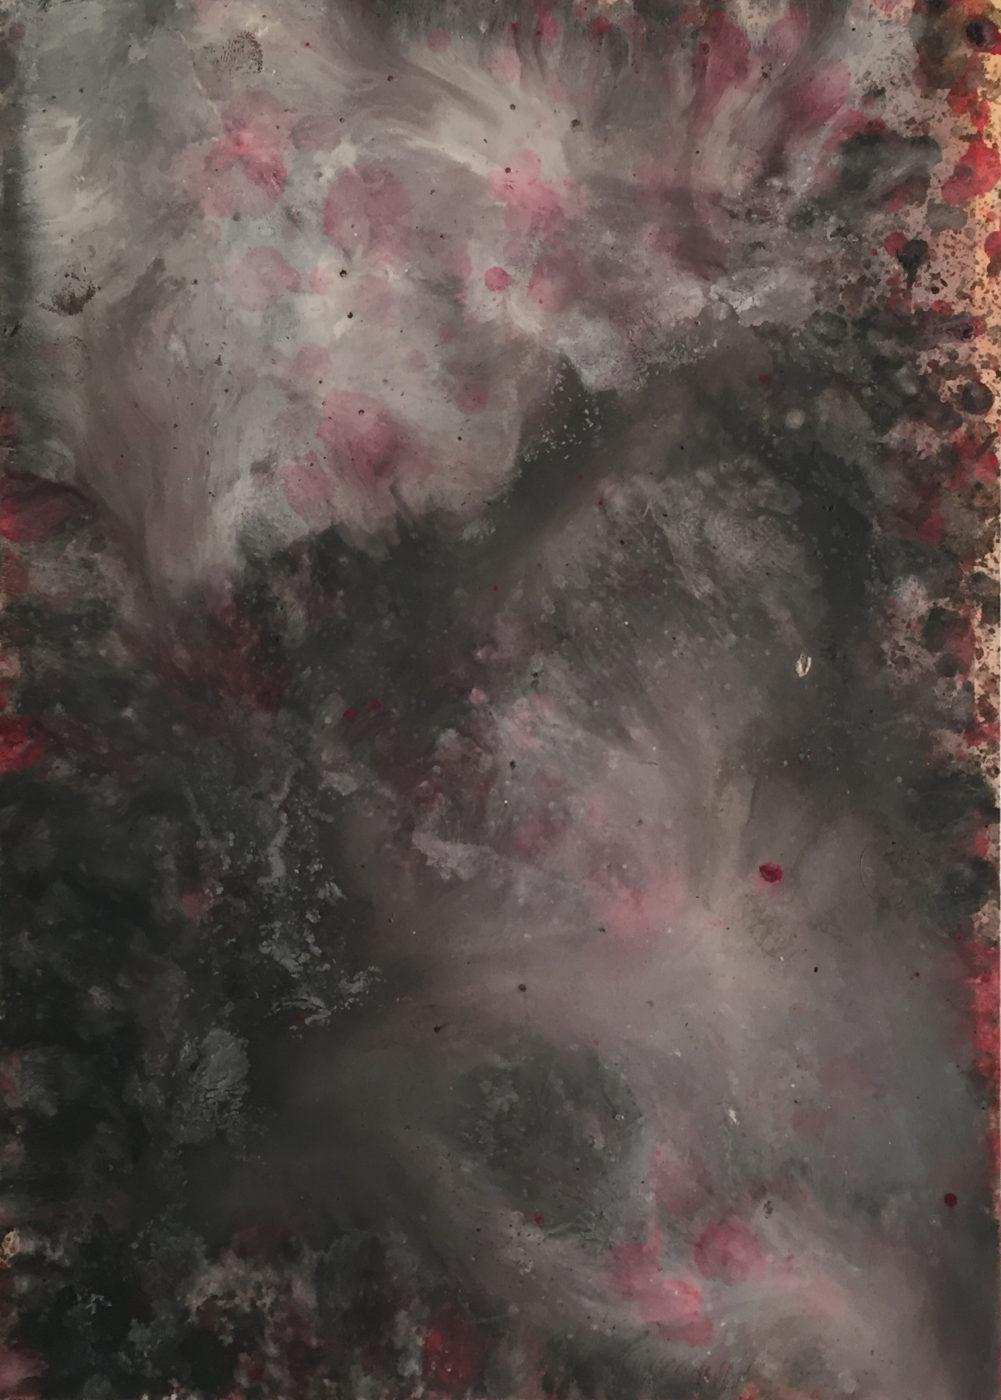 MARC FELD 2015 ÉLÉGIE 1 Huile sur papier 21x29,7 cm